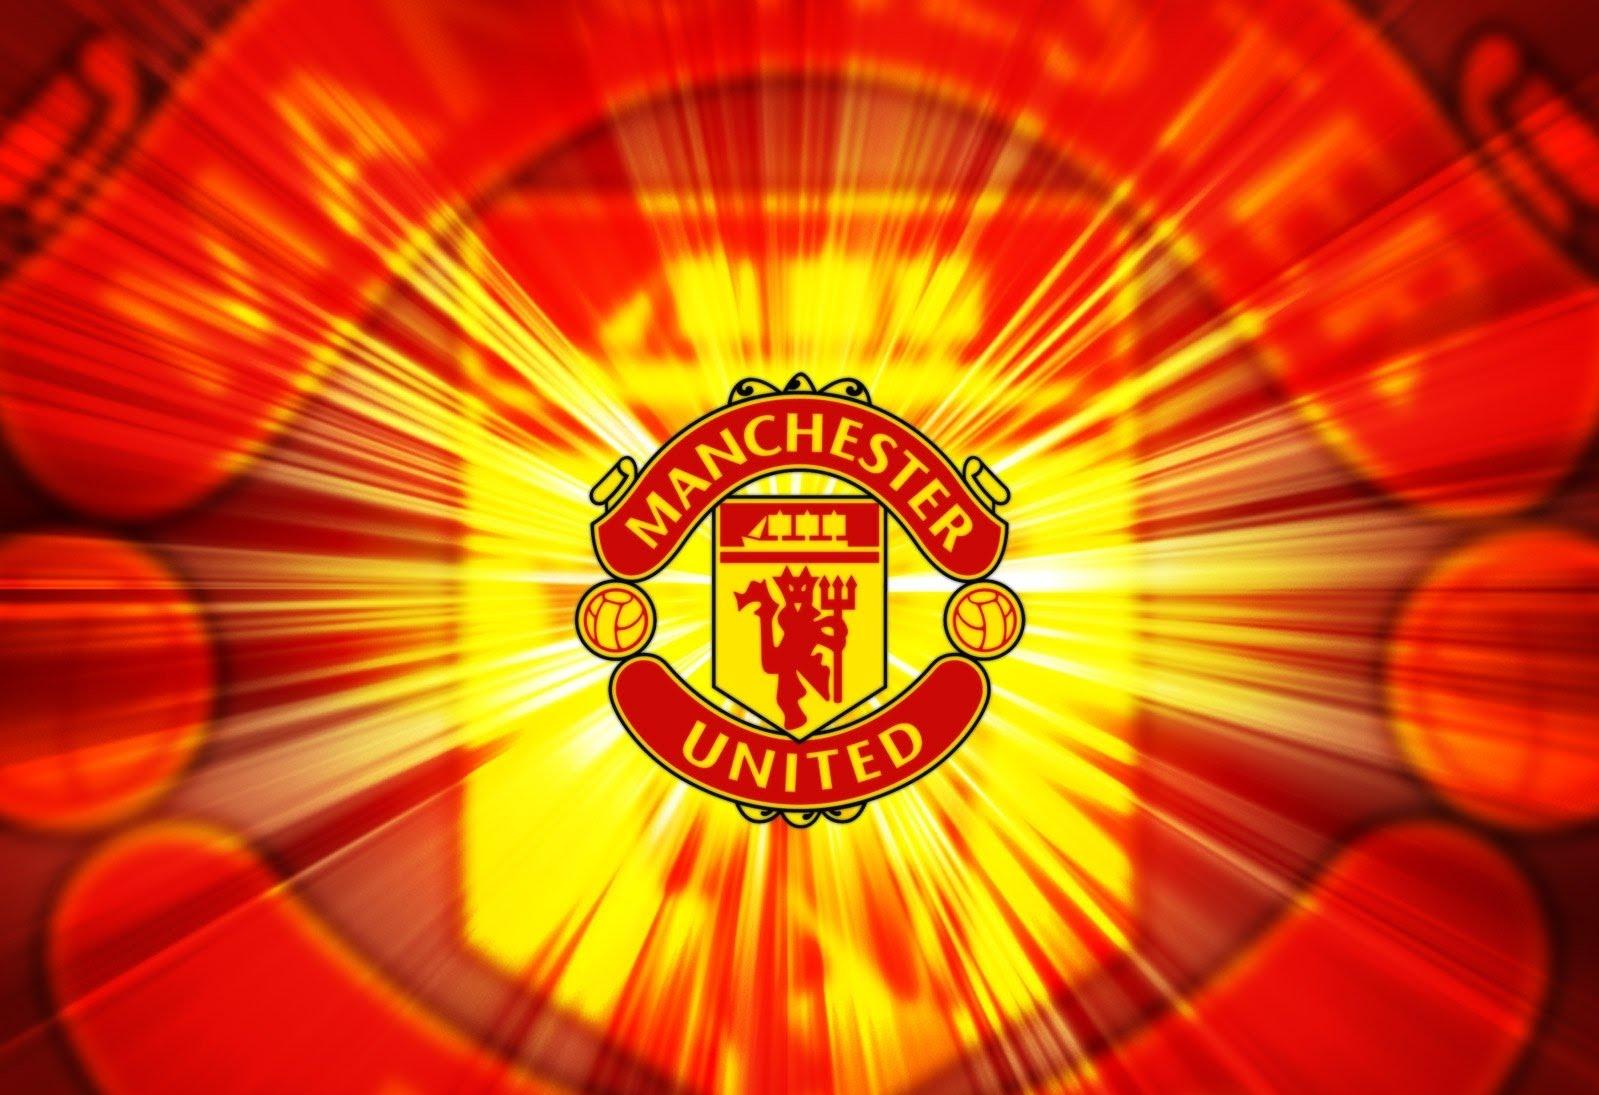 http://4.bp.blogspot.com/-PSHMkW_b9fg/TVcg72hfoeI/AAAAAAAAFHg/84W1yMrjqLY/s1600/Manchester-United.jpg